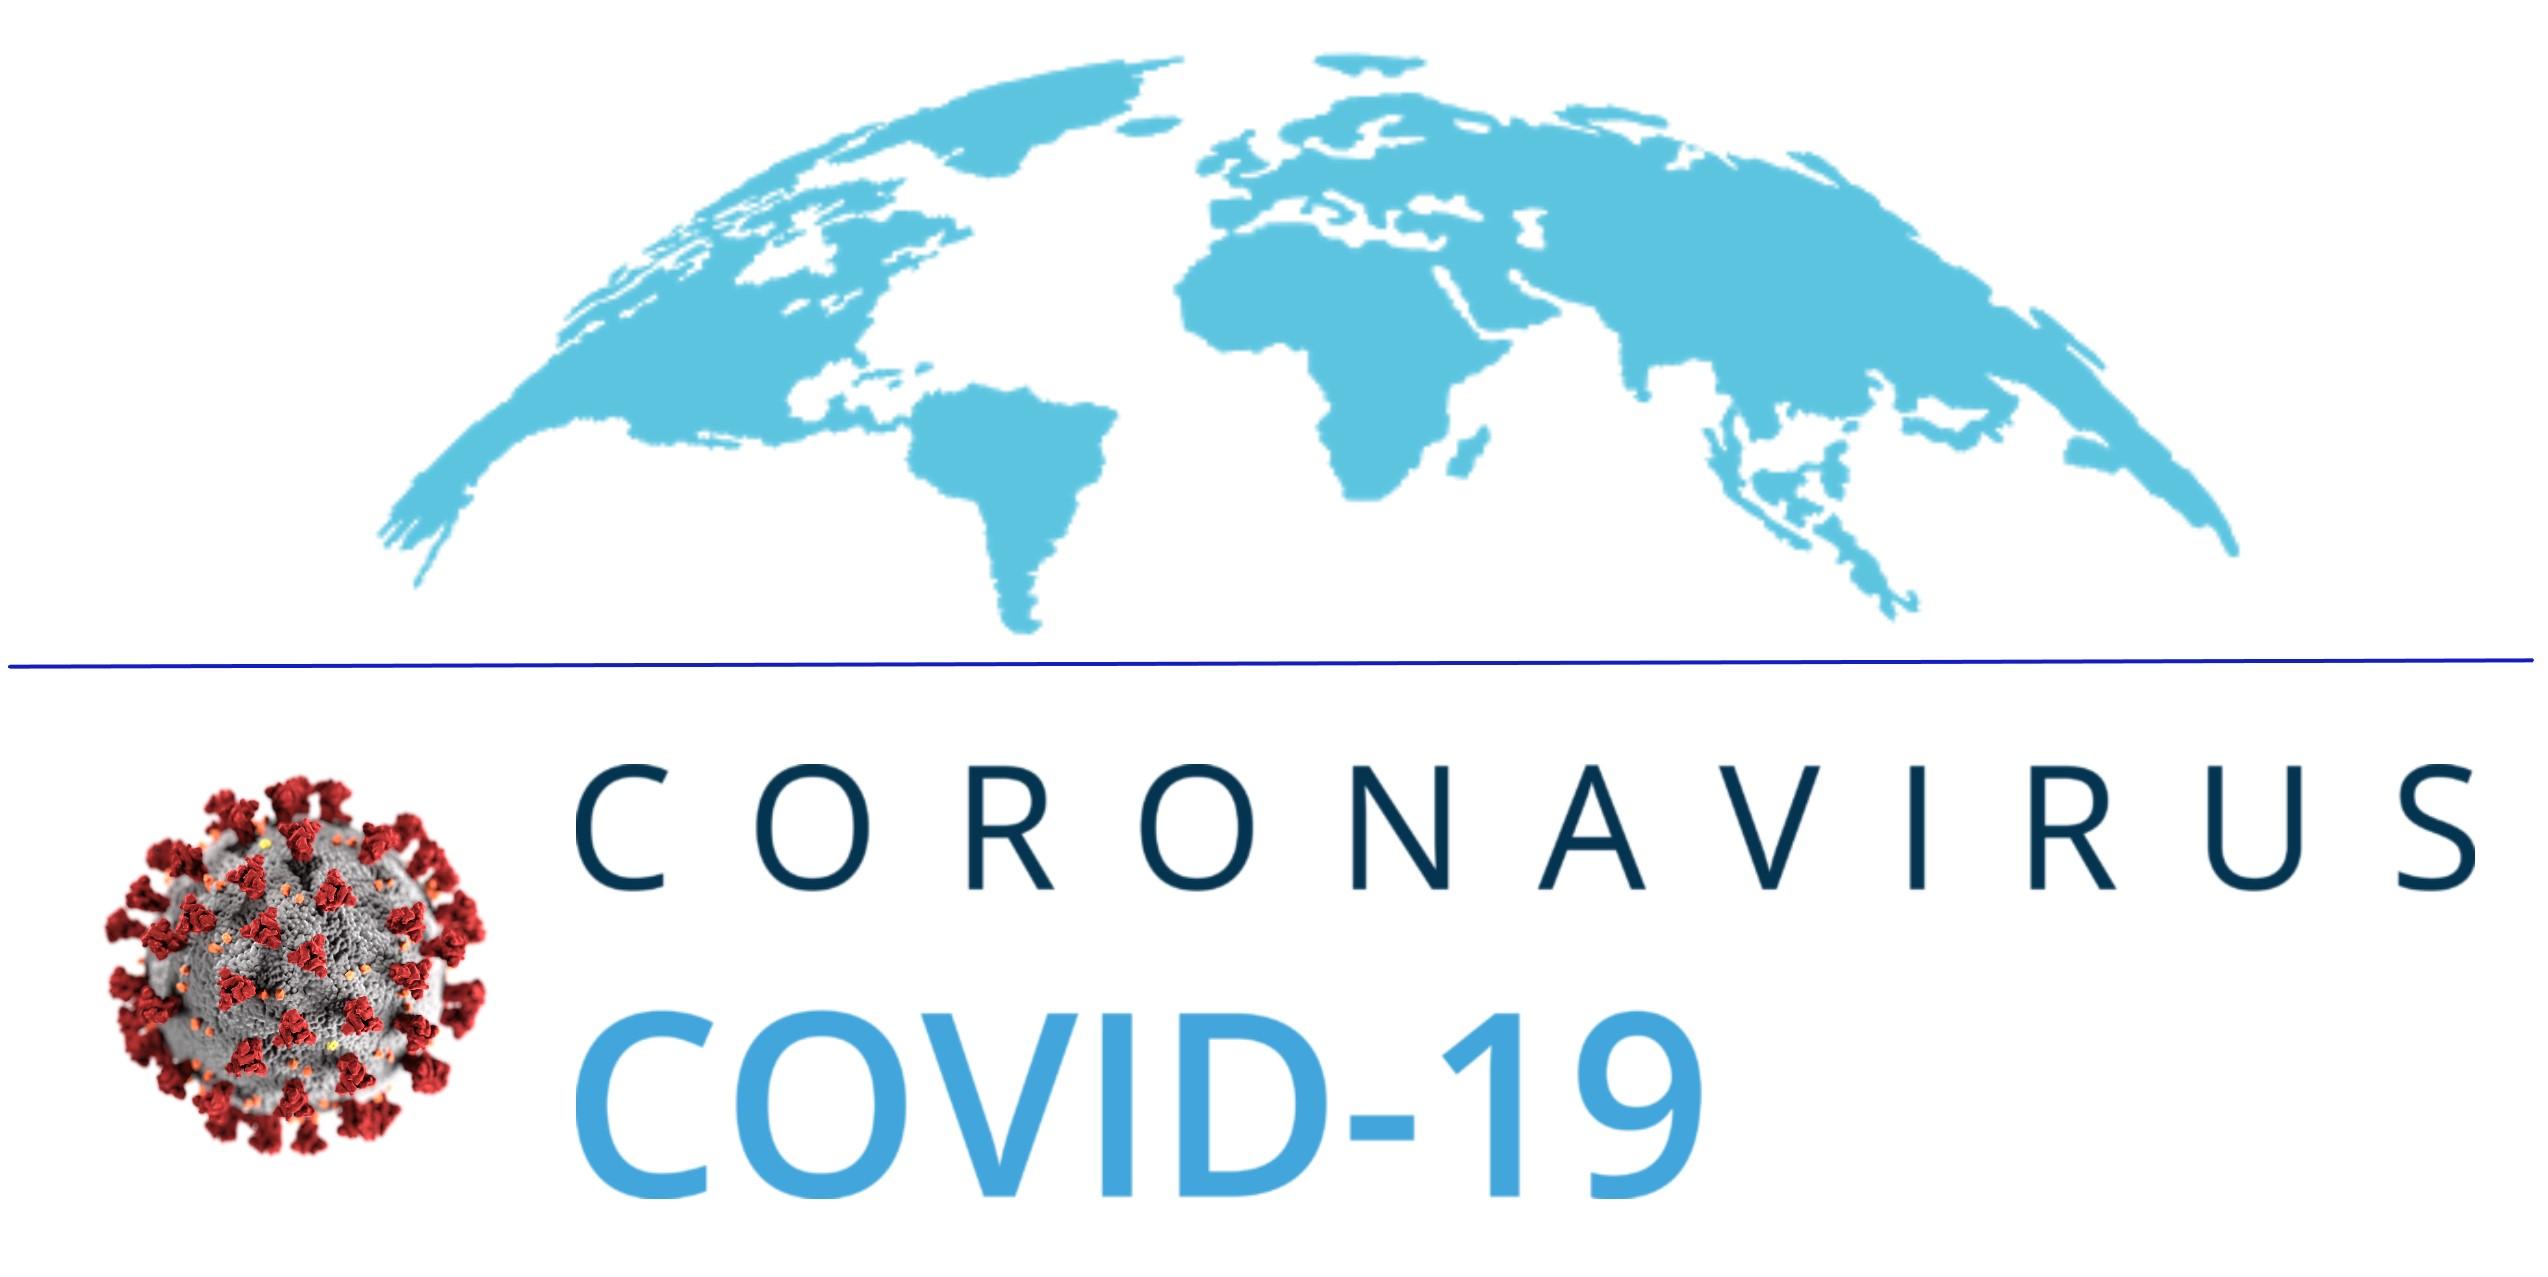 Dünya genelinde koronavirüs bilançosu açıklandı! Vaka sayısı 17 milyonu geçti